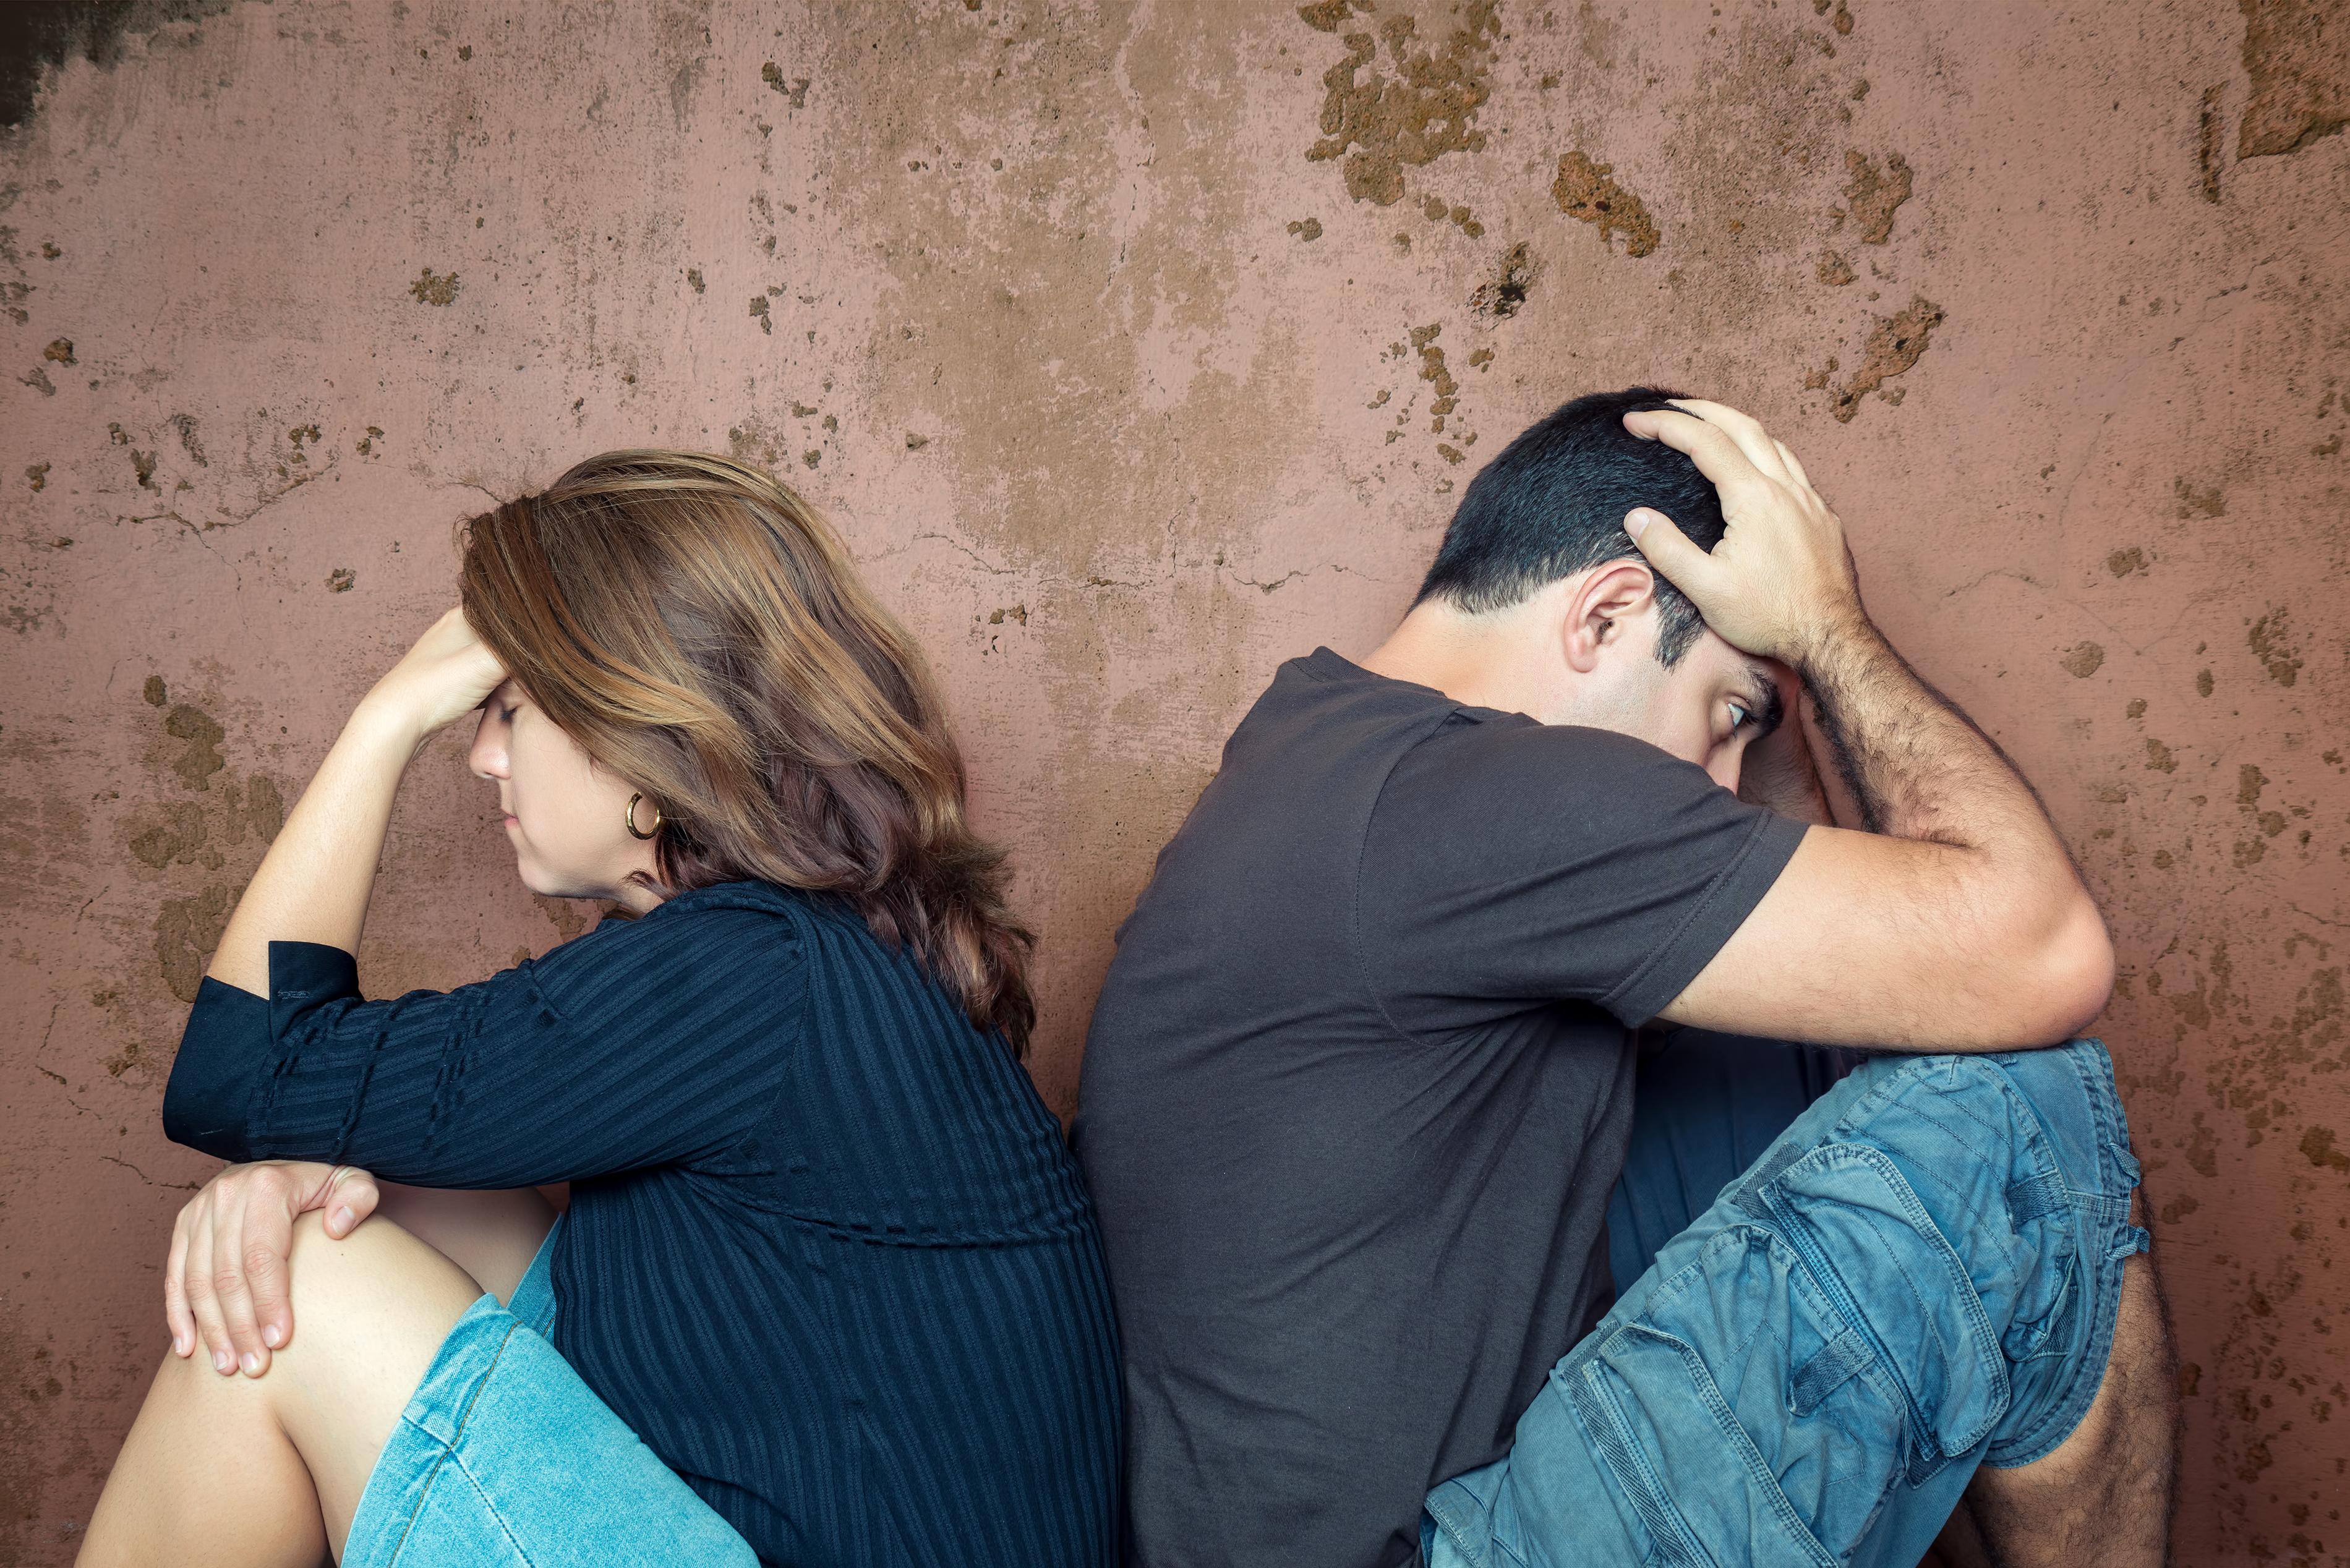 Boşandıktan Sonra Yeni Bir Hayat Kuracaklara Öneriler Nelerdir?